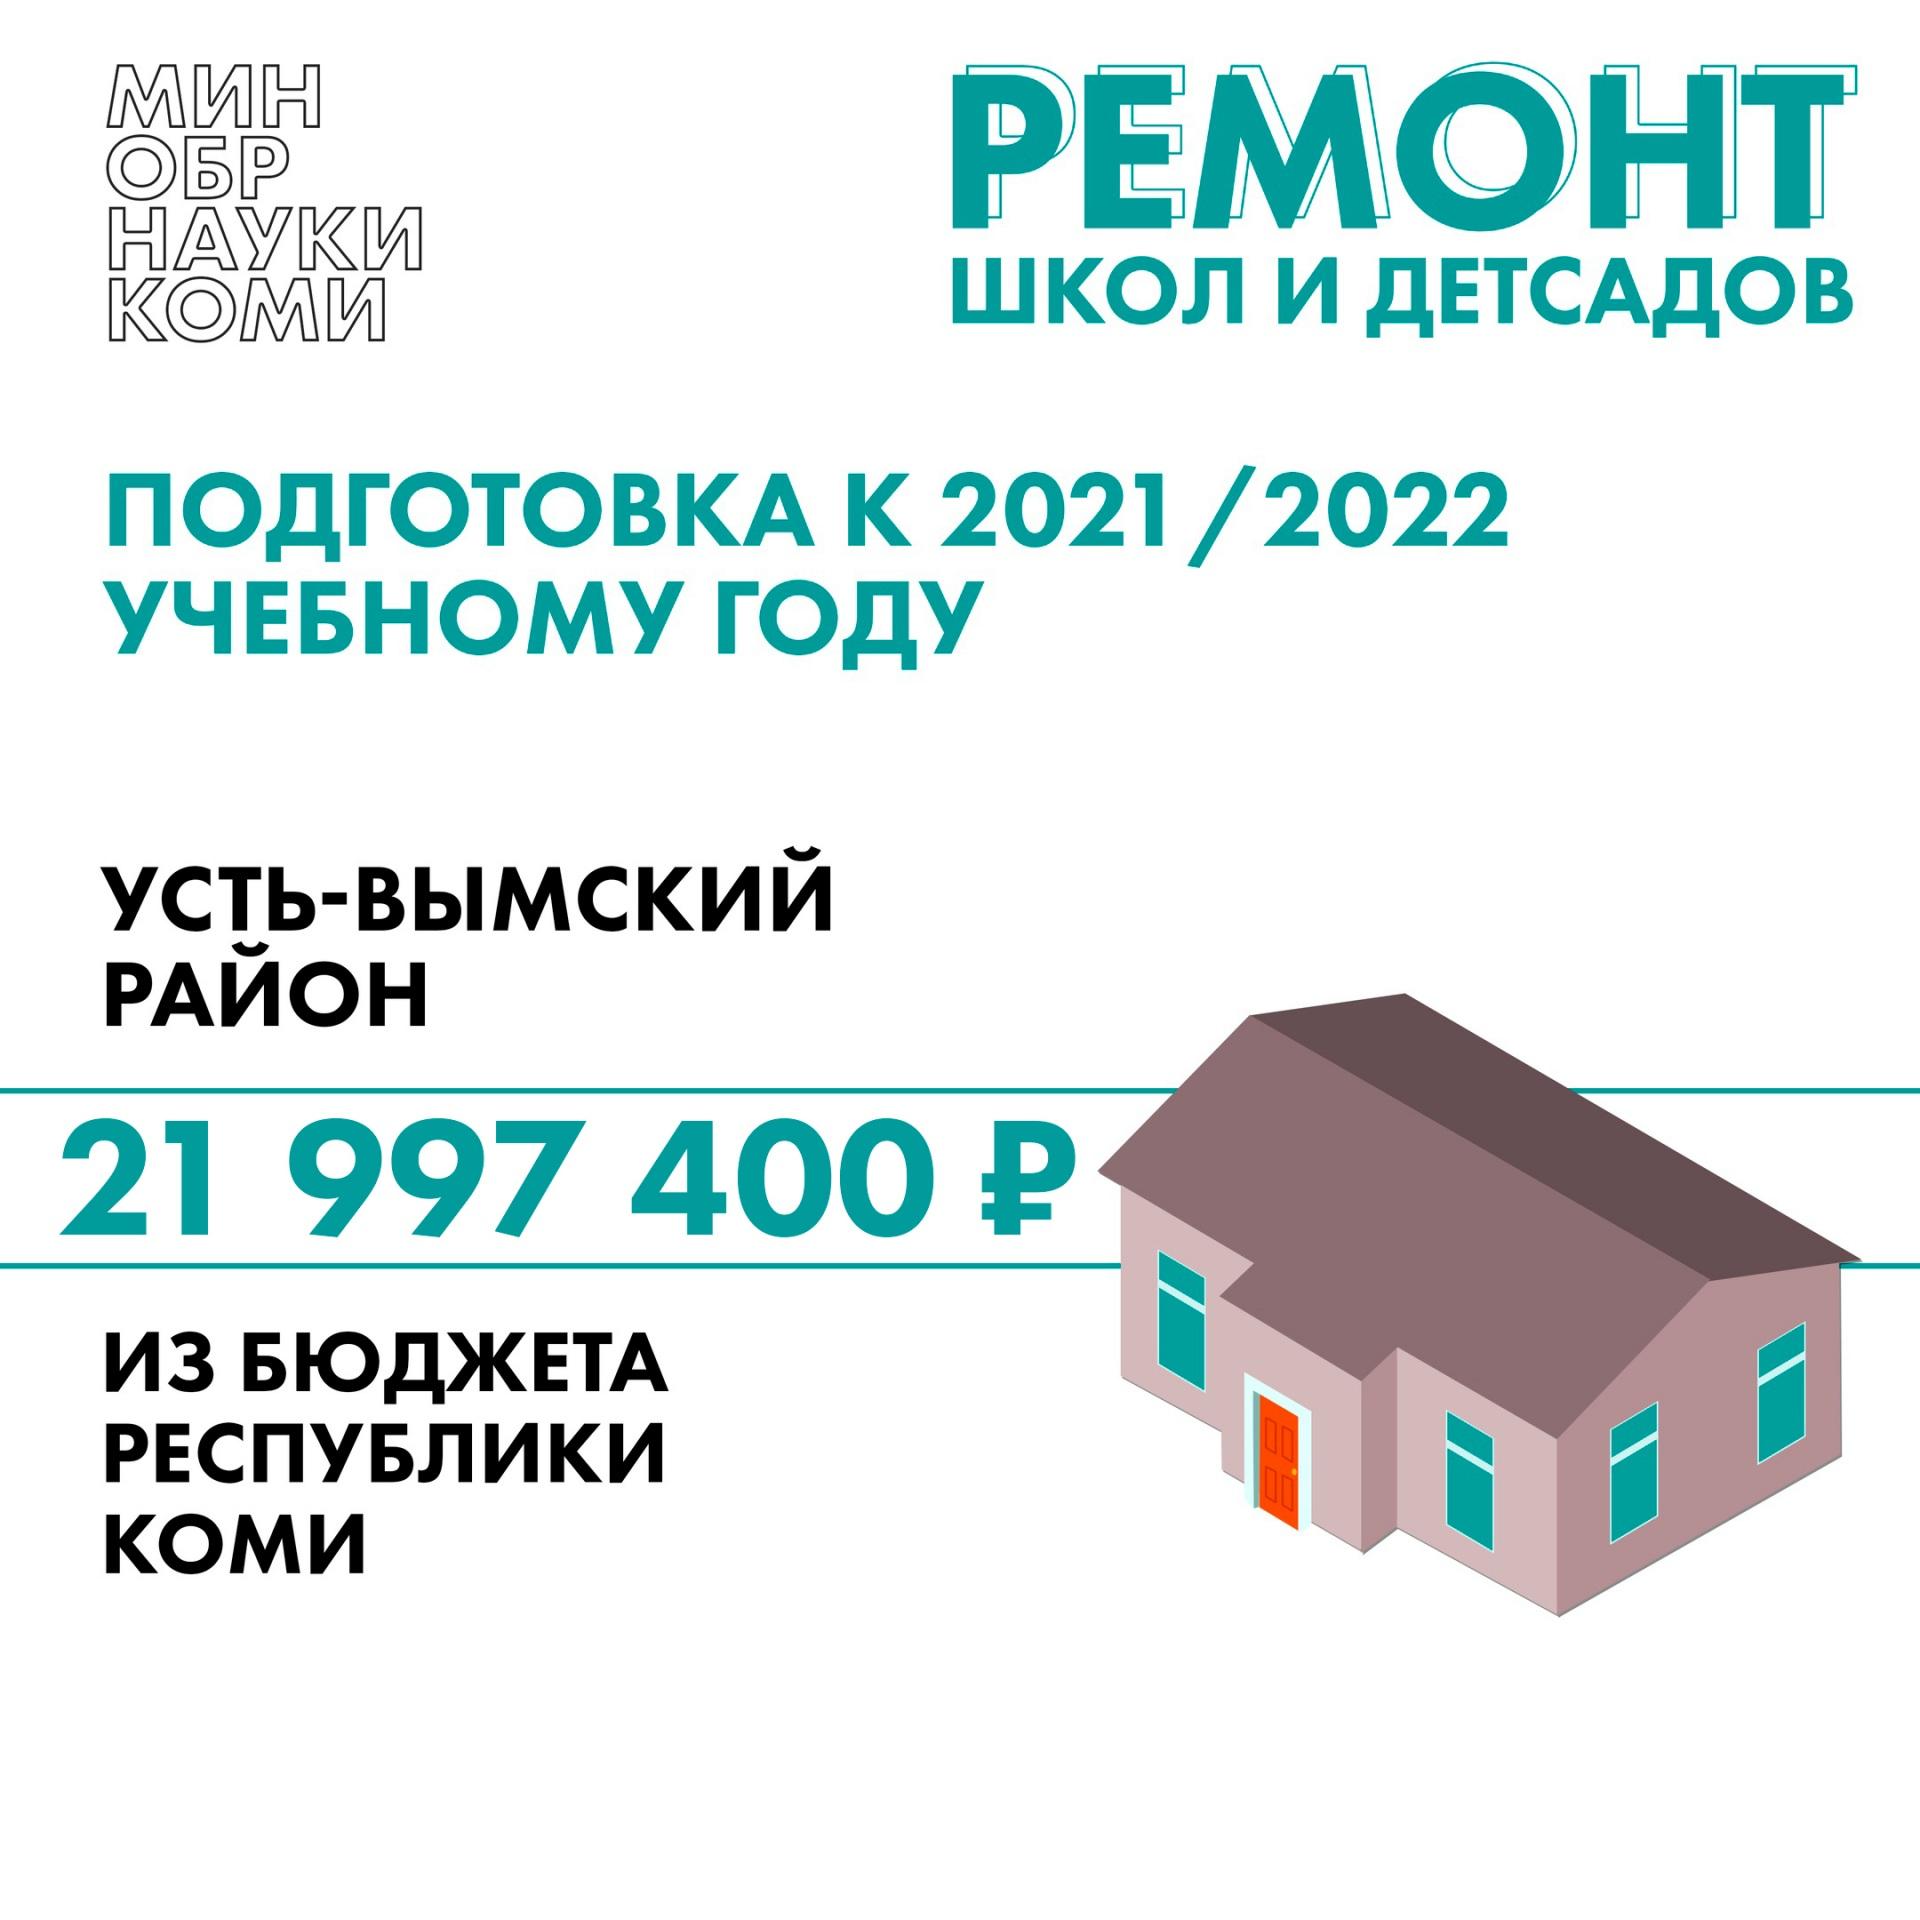 ust-vymskiyjpg_1627040538357.jpeg